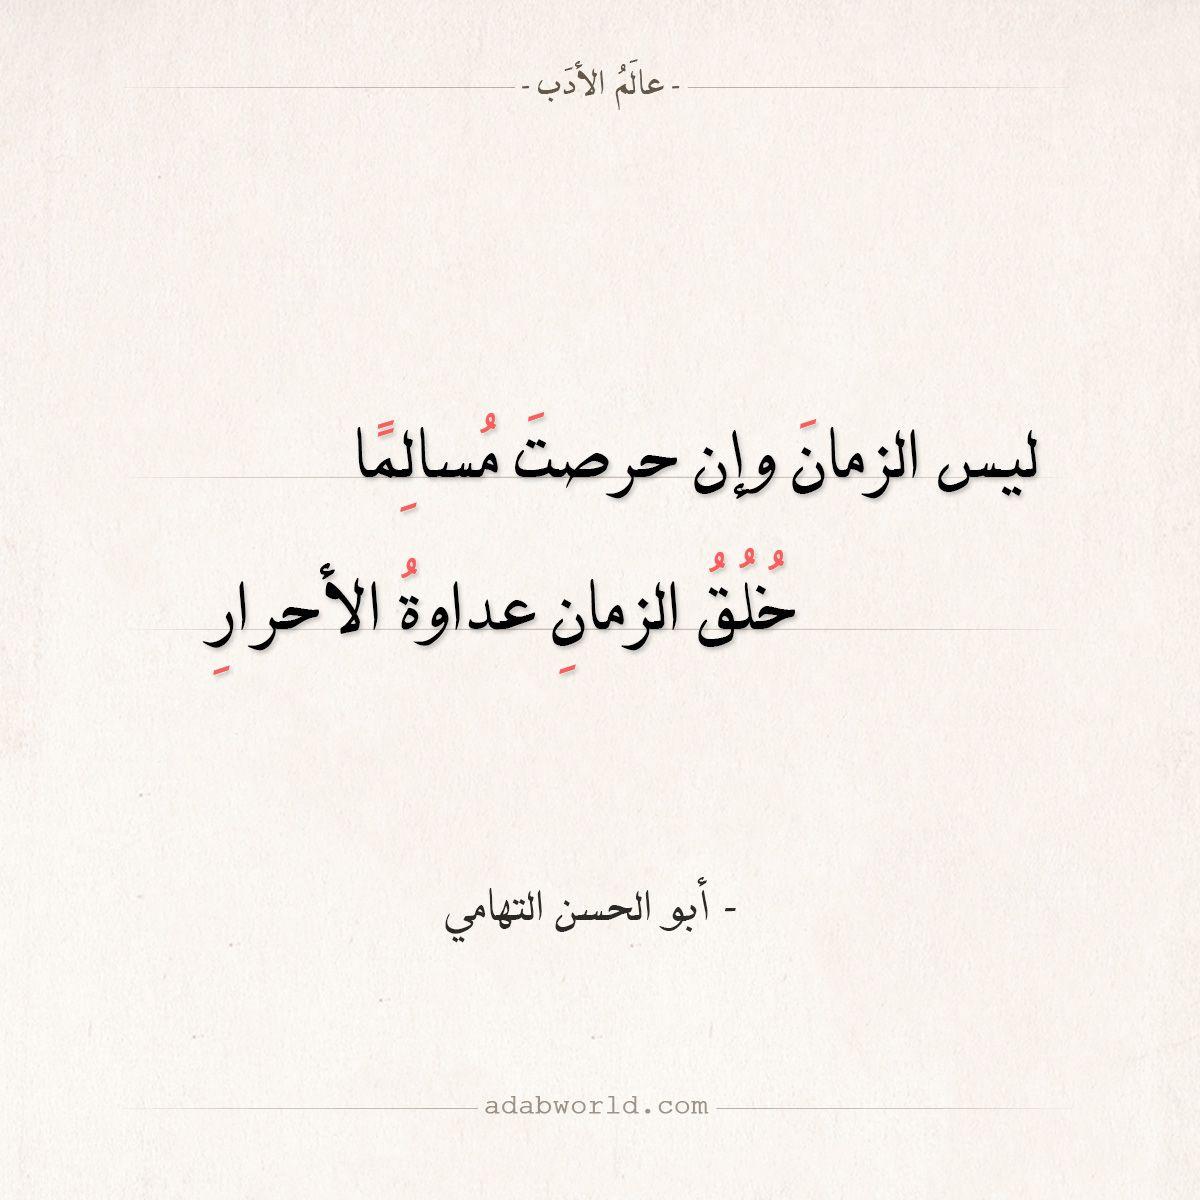 شعر أبو الحسن التهامي ليس الزمان وإن حرصت مسالما عالم الأدب Arabic Poetry Sweet Words Words